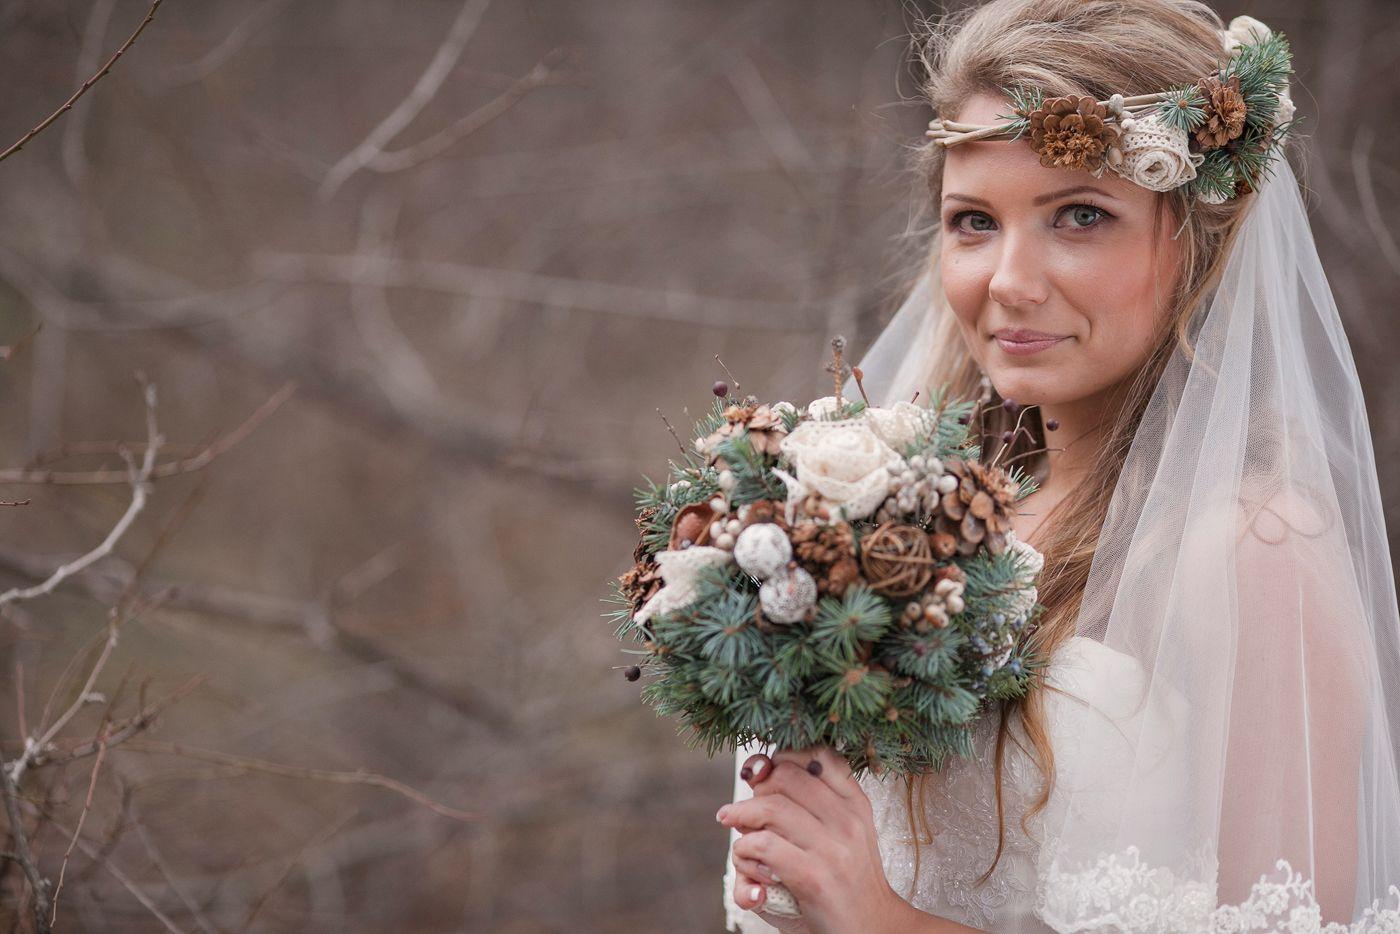 Brautstrauss fr Hochzeit im Winter  Brautstrue